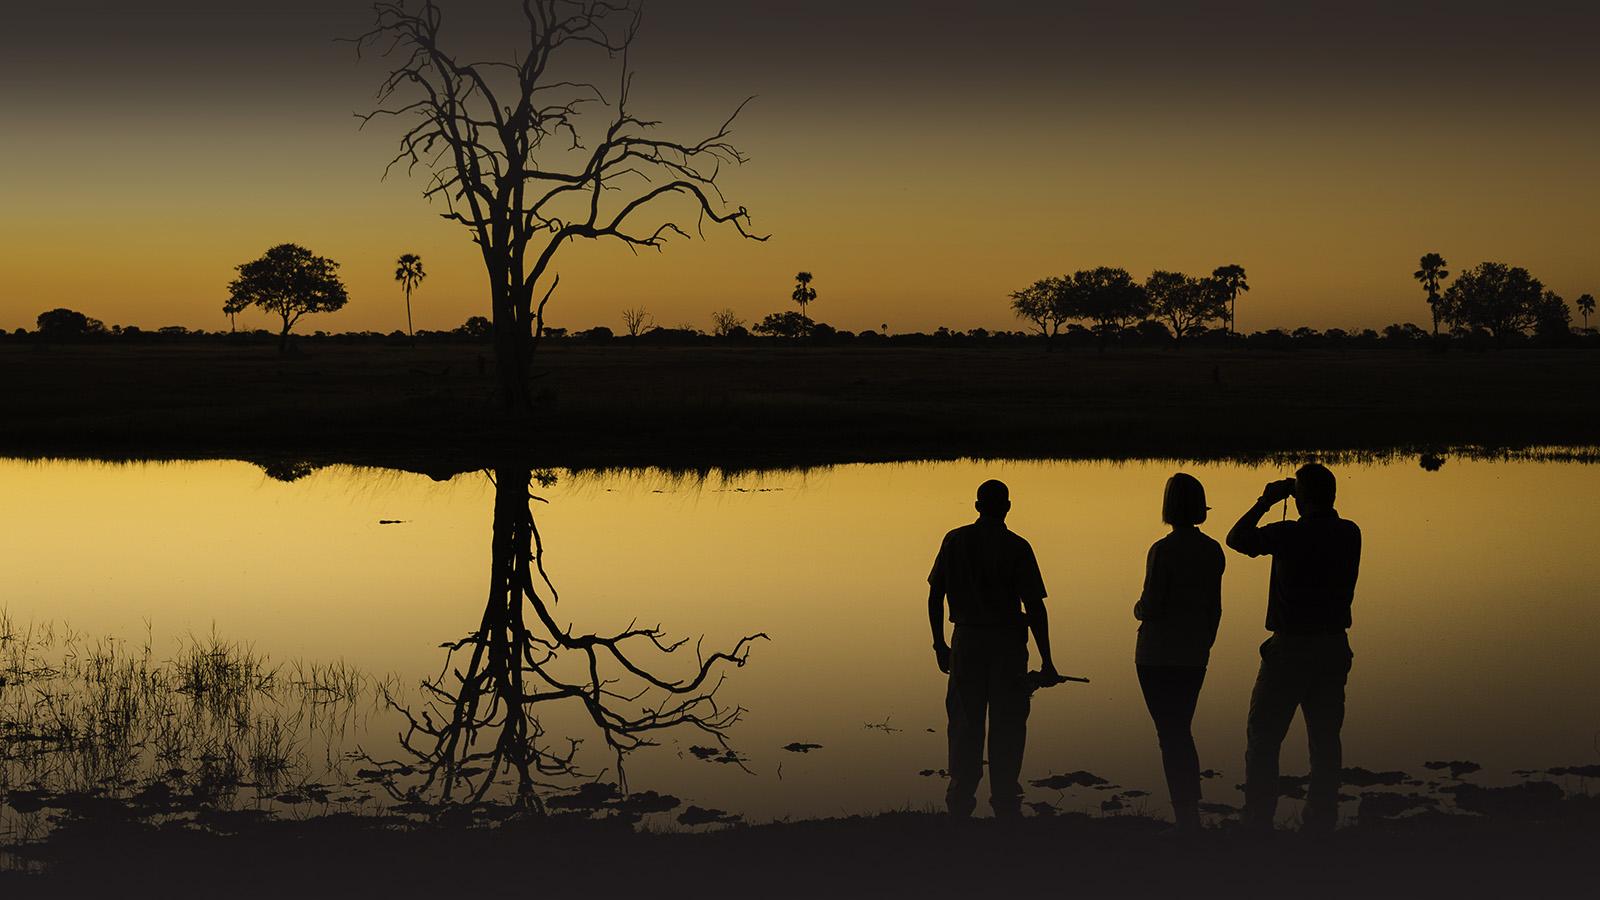 linkwasha camp hwange-national-park-zimbabwe-lodges-luxury-wilderness-sunset